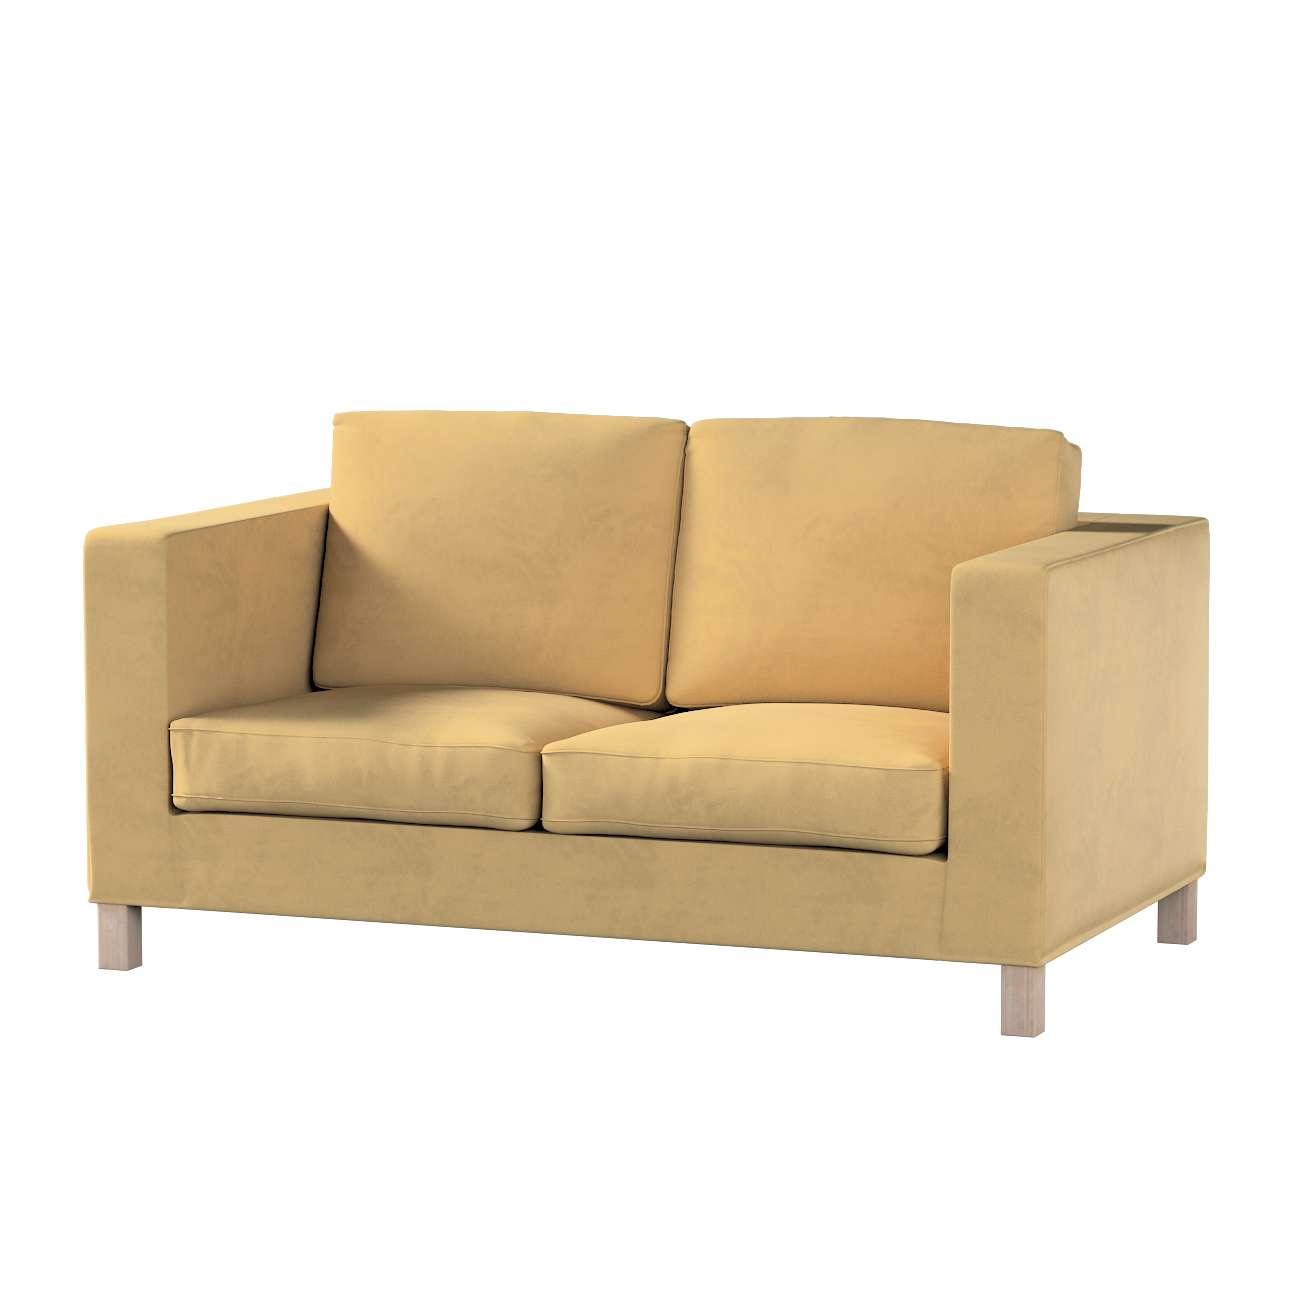 Bezug für Karlanda 2-Sitzer Sofa nicht ausklappbar, kurz von der Kollektion Living II, Stoff: 160-93